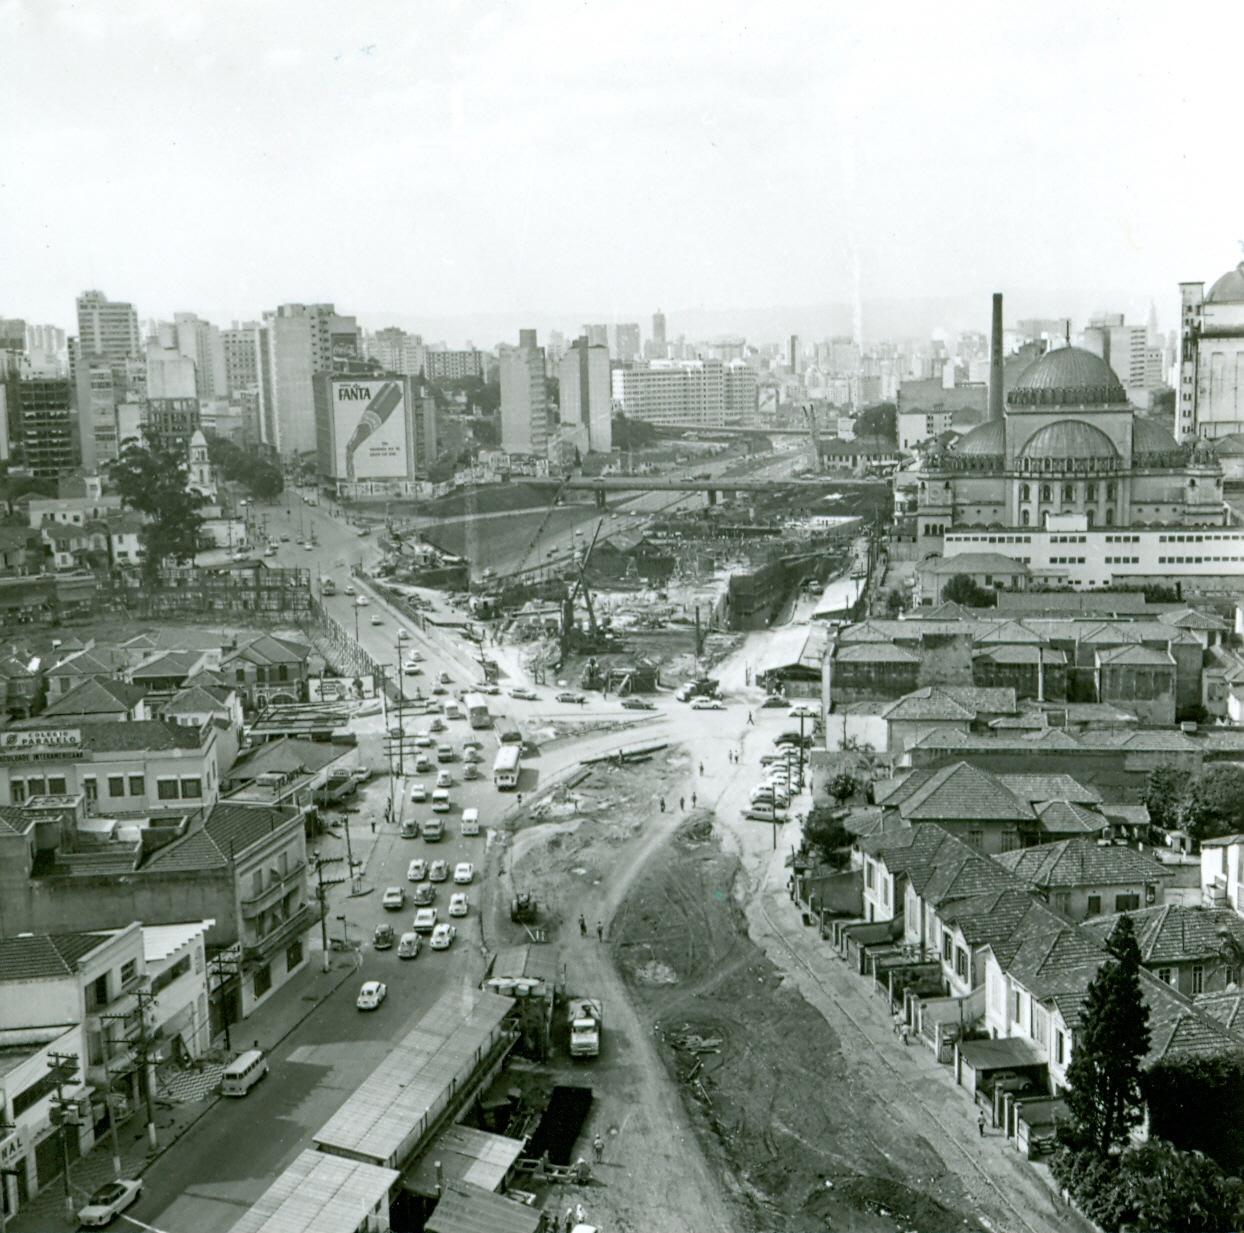 Vista aérea das obras do Metrô. Imagino que seja na região do viaduto Santa Generosa